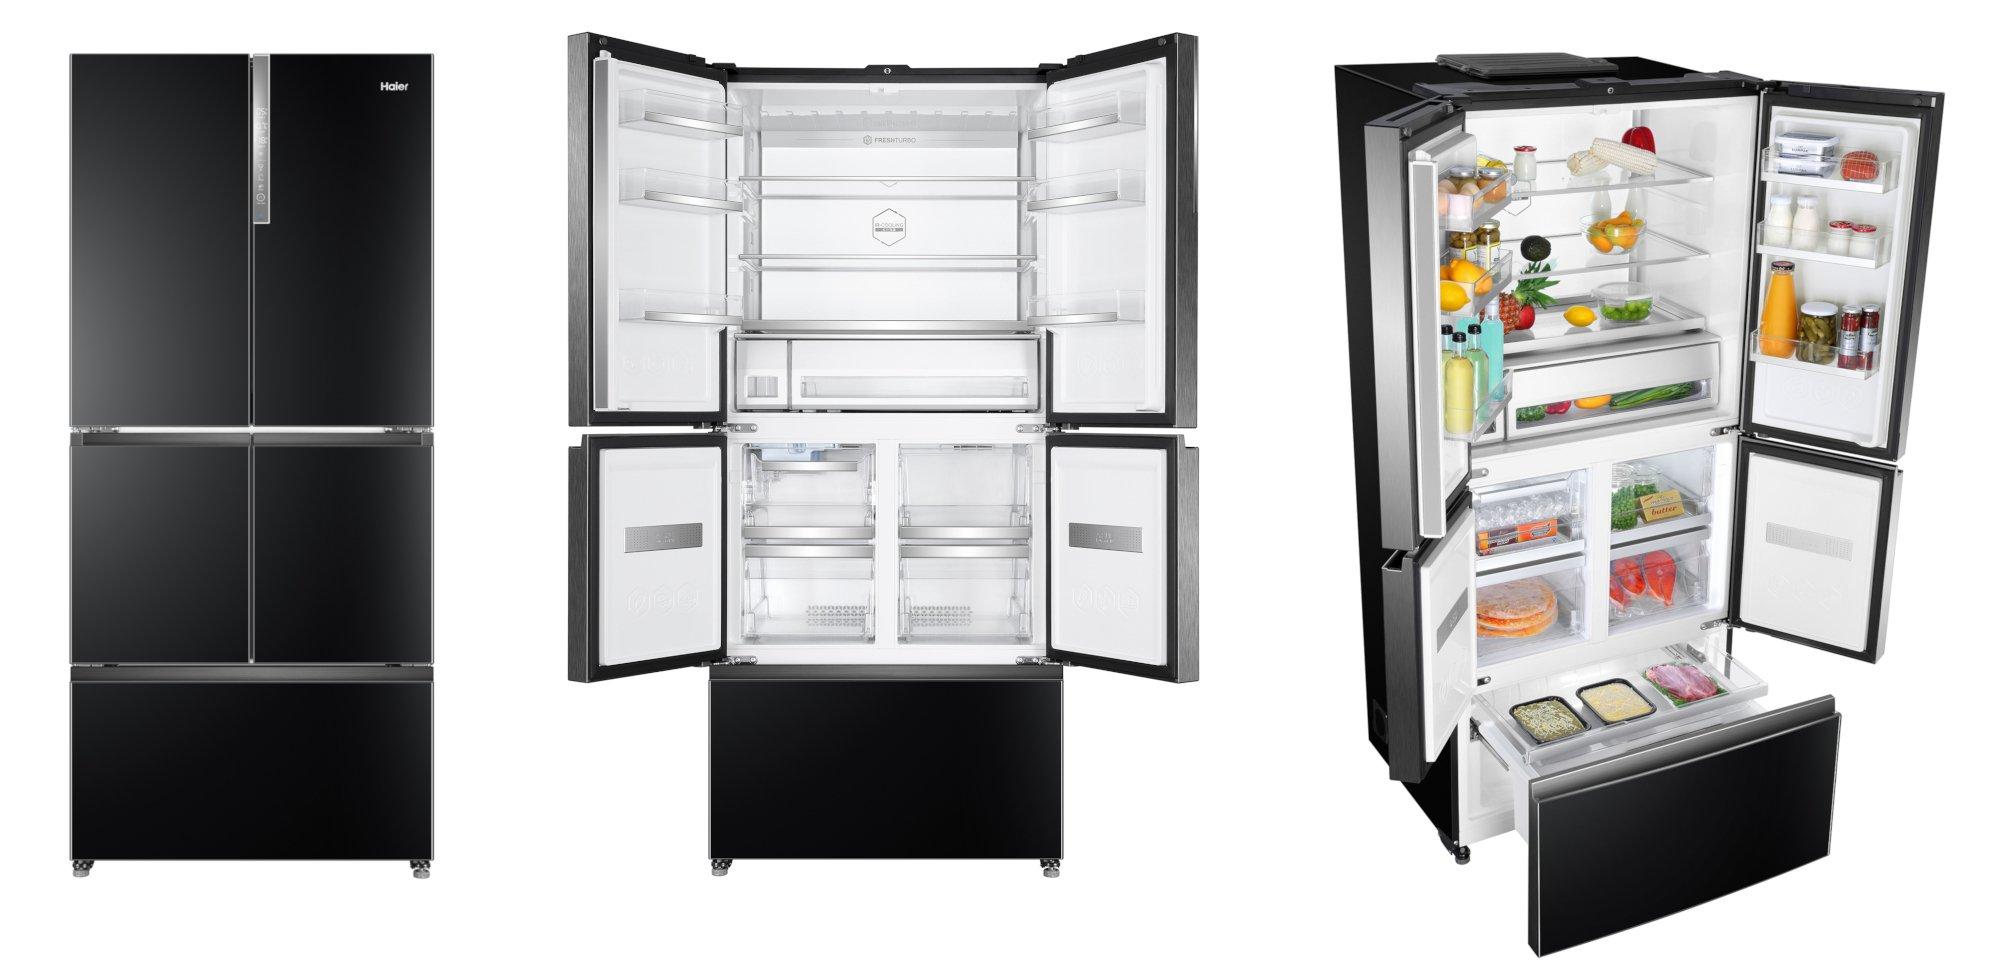 Der Kühlschrank Haier F+ verfügt über vier Türen und eine Gefrierschublade (Bild: Haier)